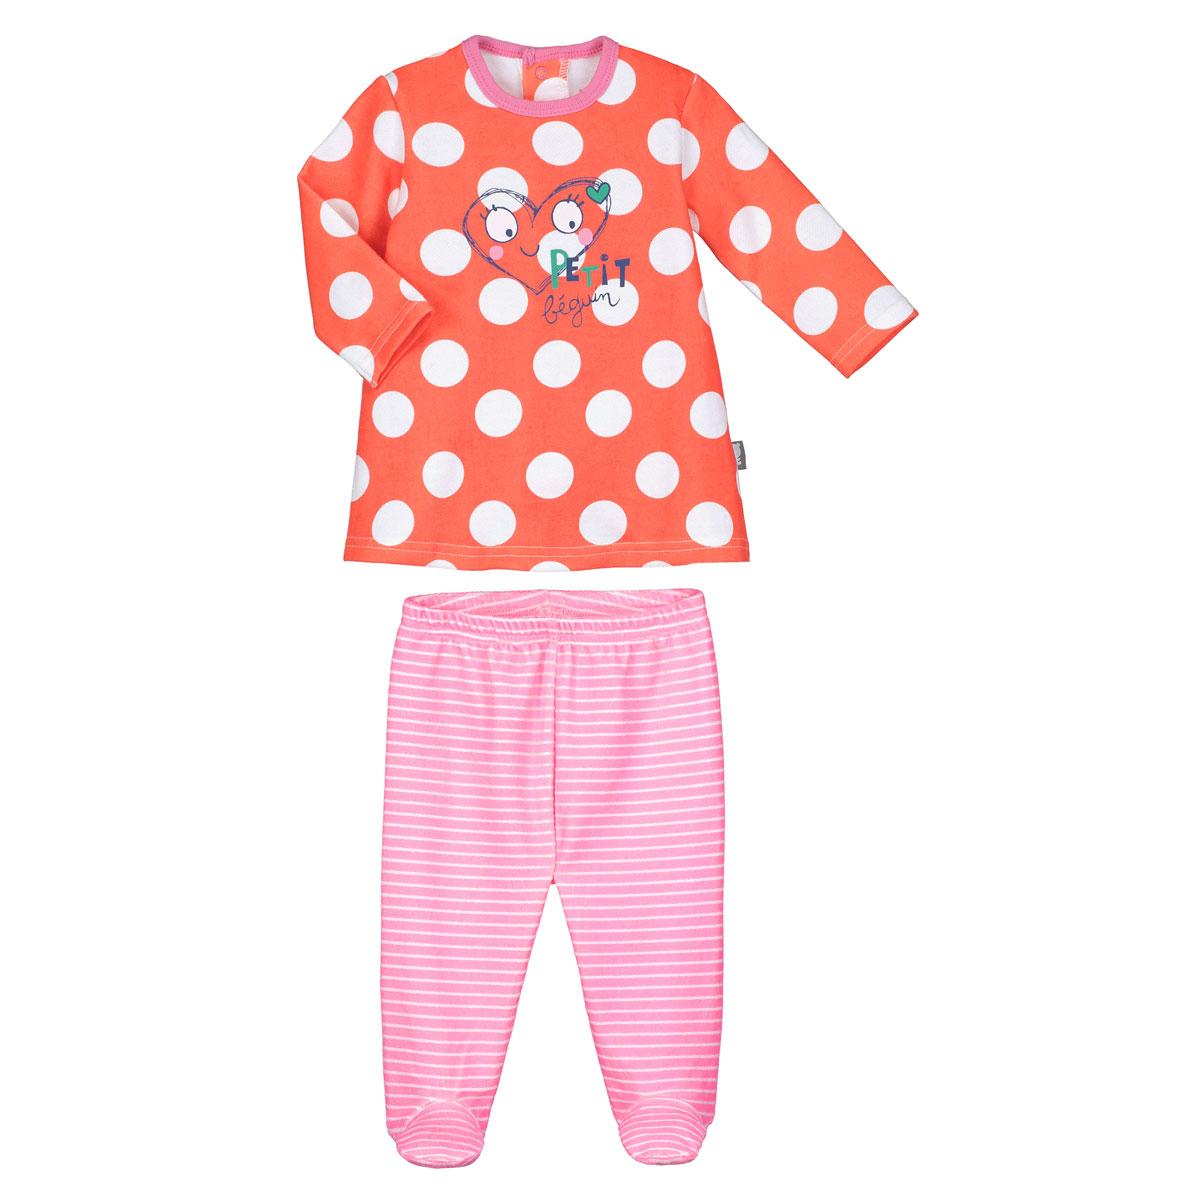 9c525dfd2b2d9 Pyjama bébé 2 pièces avec pieds Illico - PETIT BEGUIN